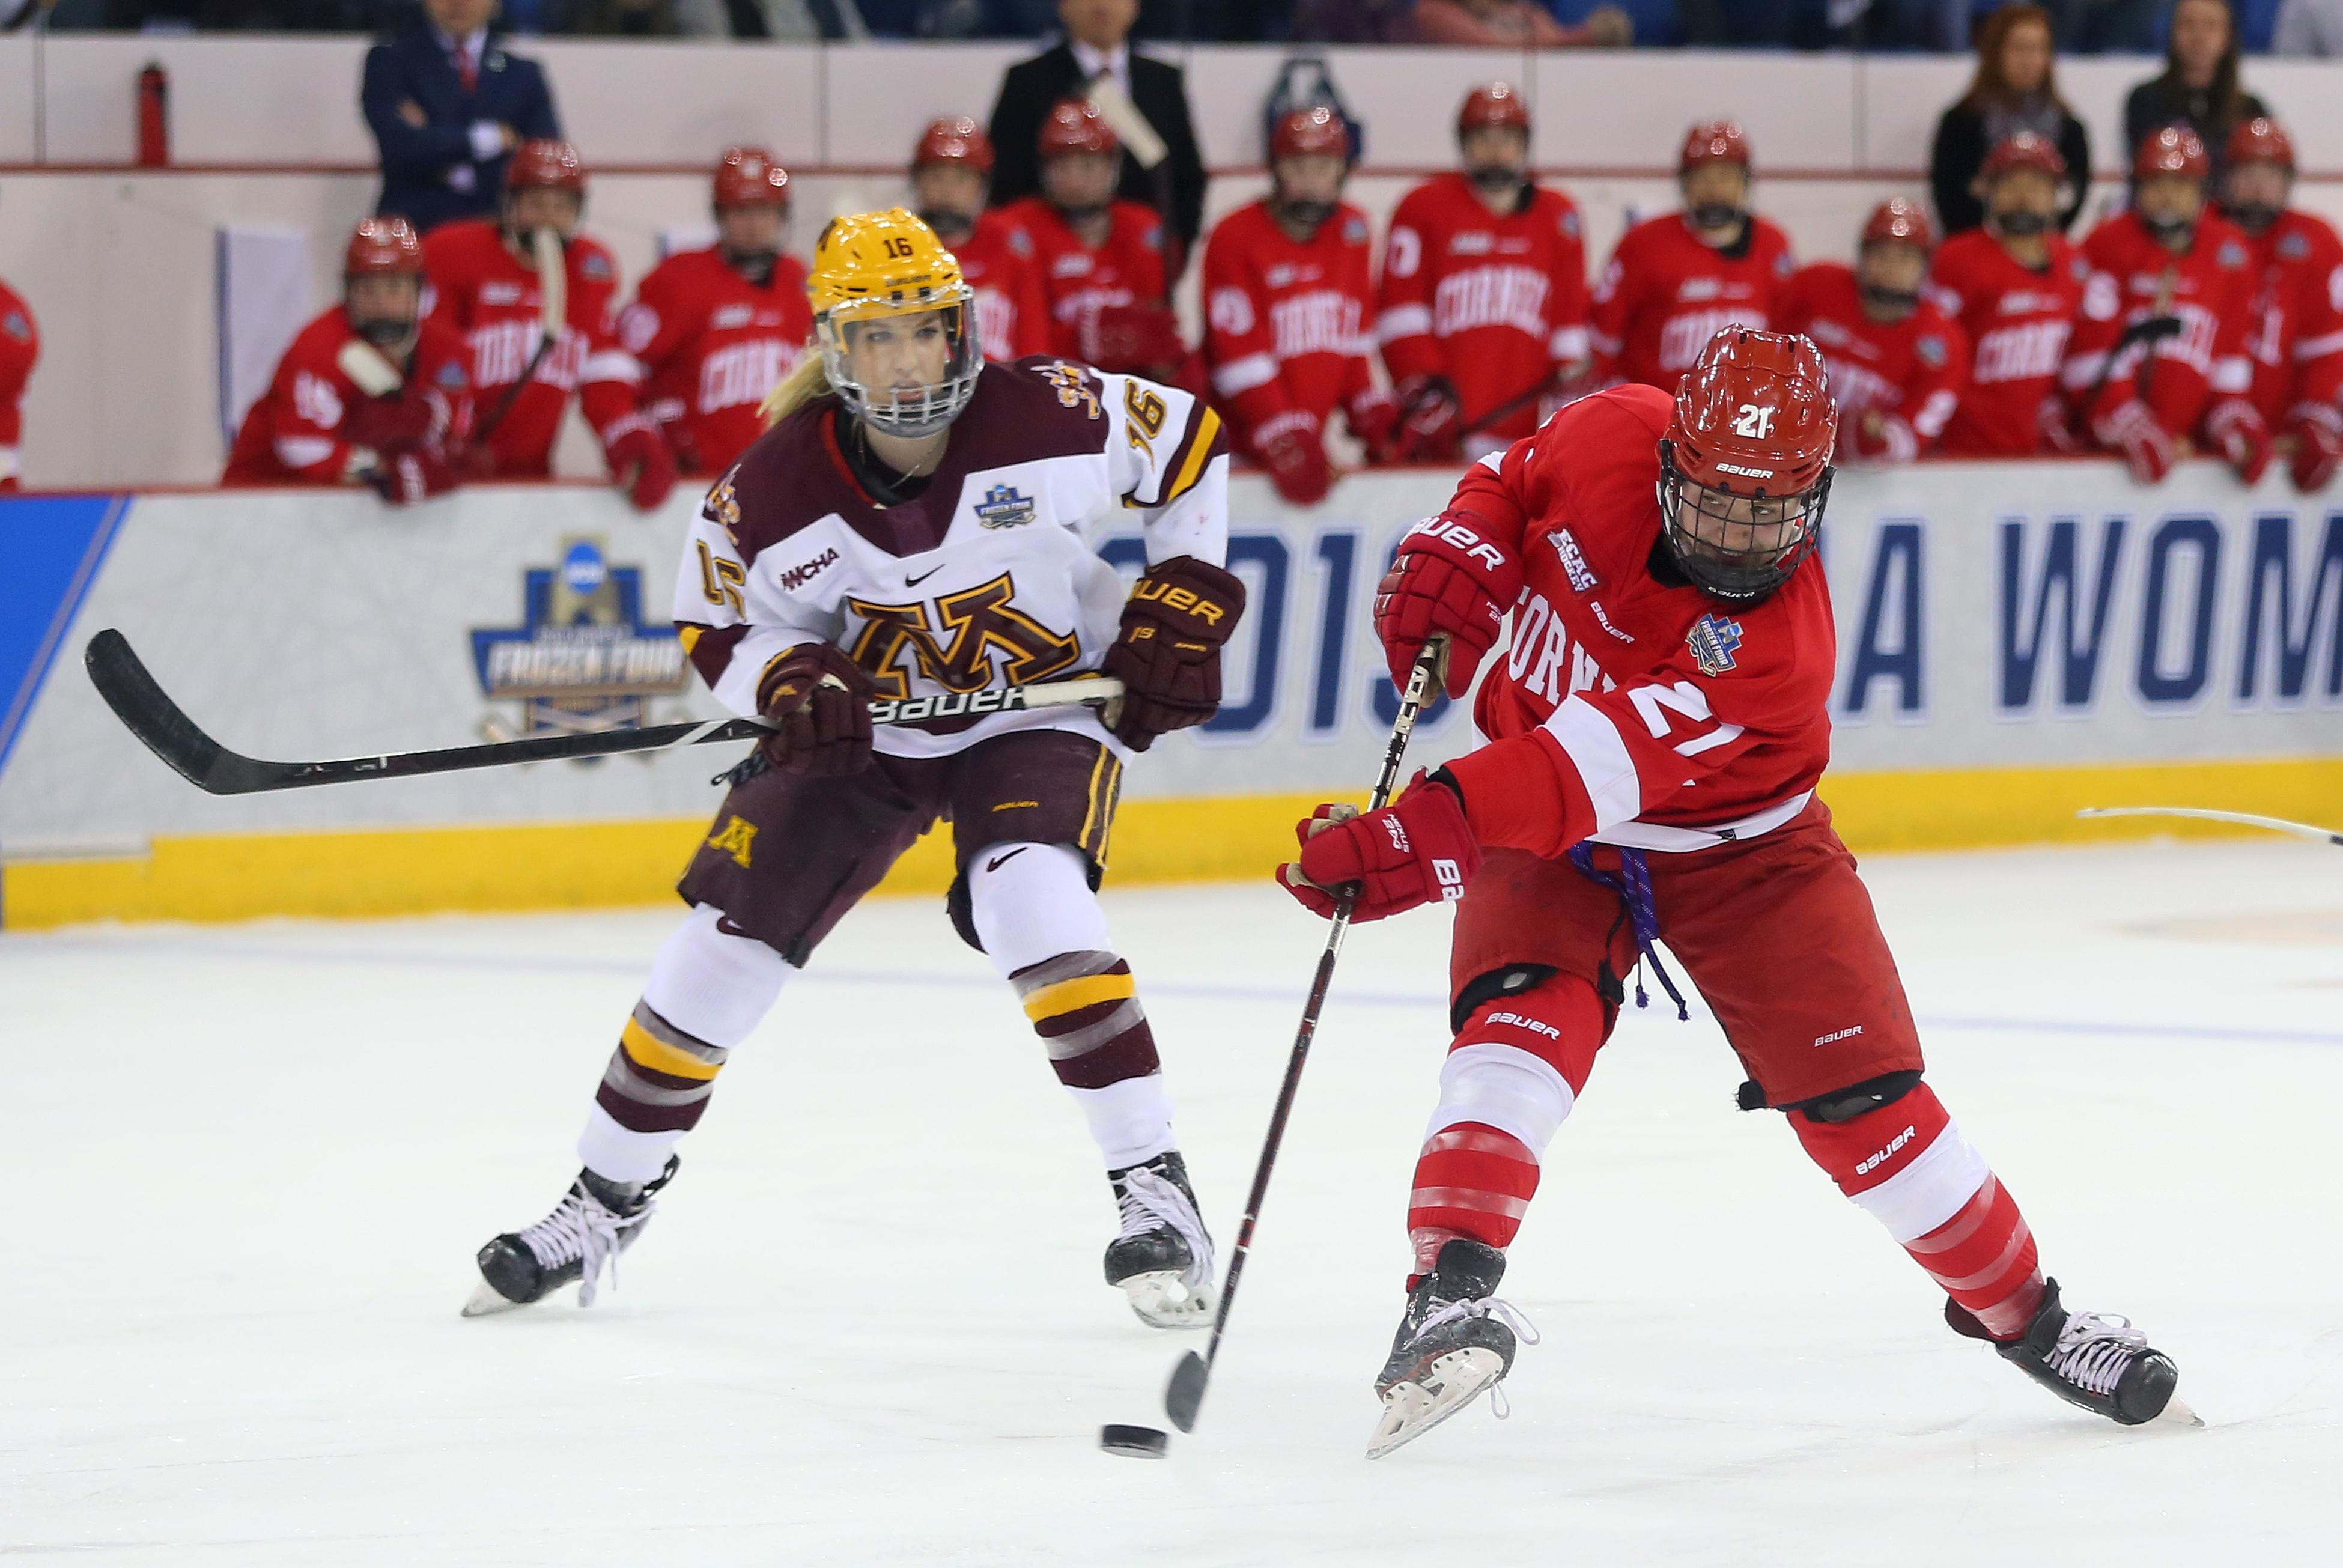 NCAA HOCKEY: MAR 22 Div I Women's Frozen Four - Cornell v Minnesota